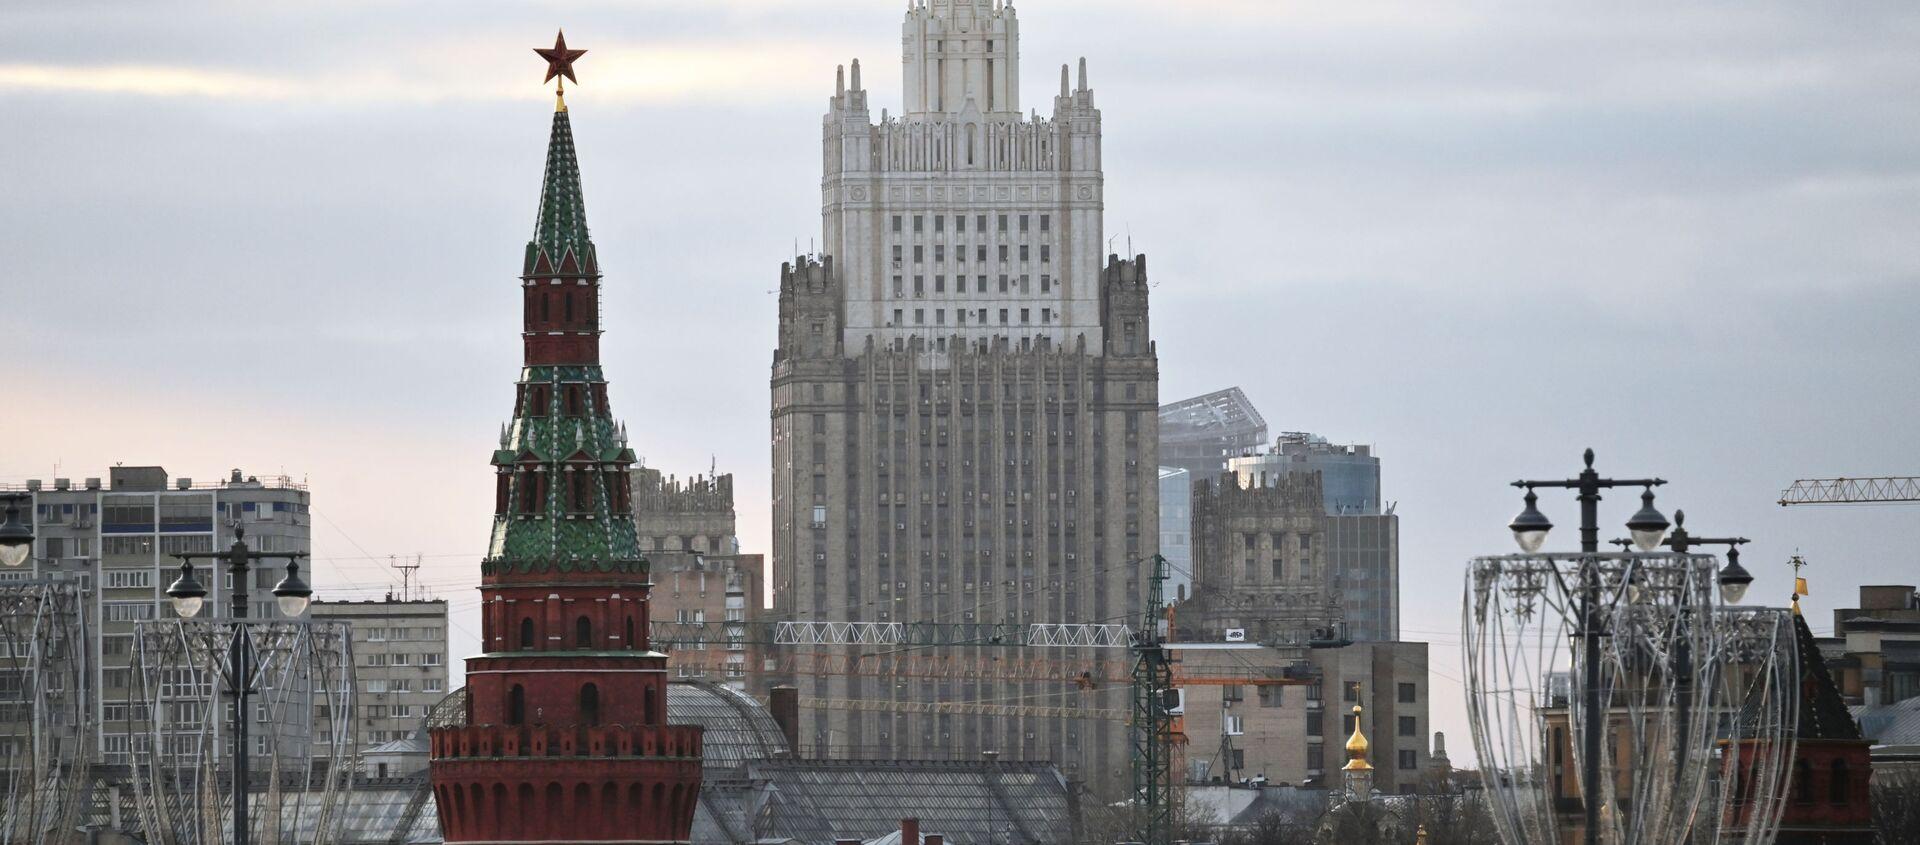 Tòa nhà của Bộ Ngoại giao Liên bang Nga. - Sputnik Việt Nam, 1920, 30.08.2021